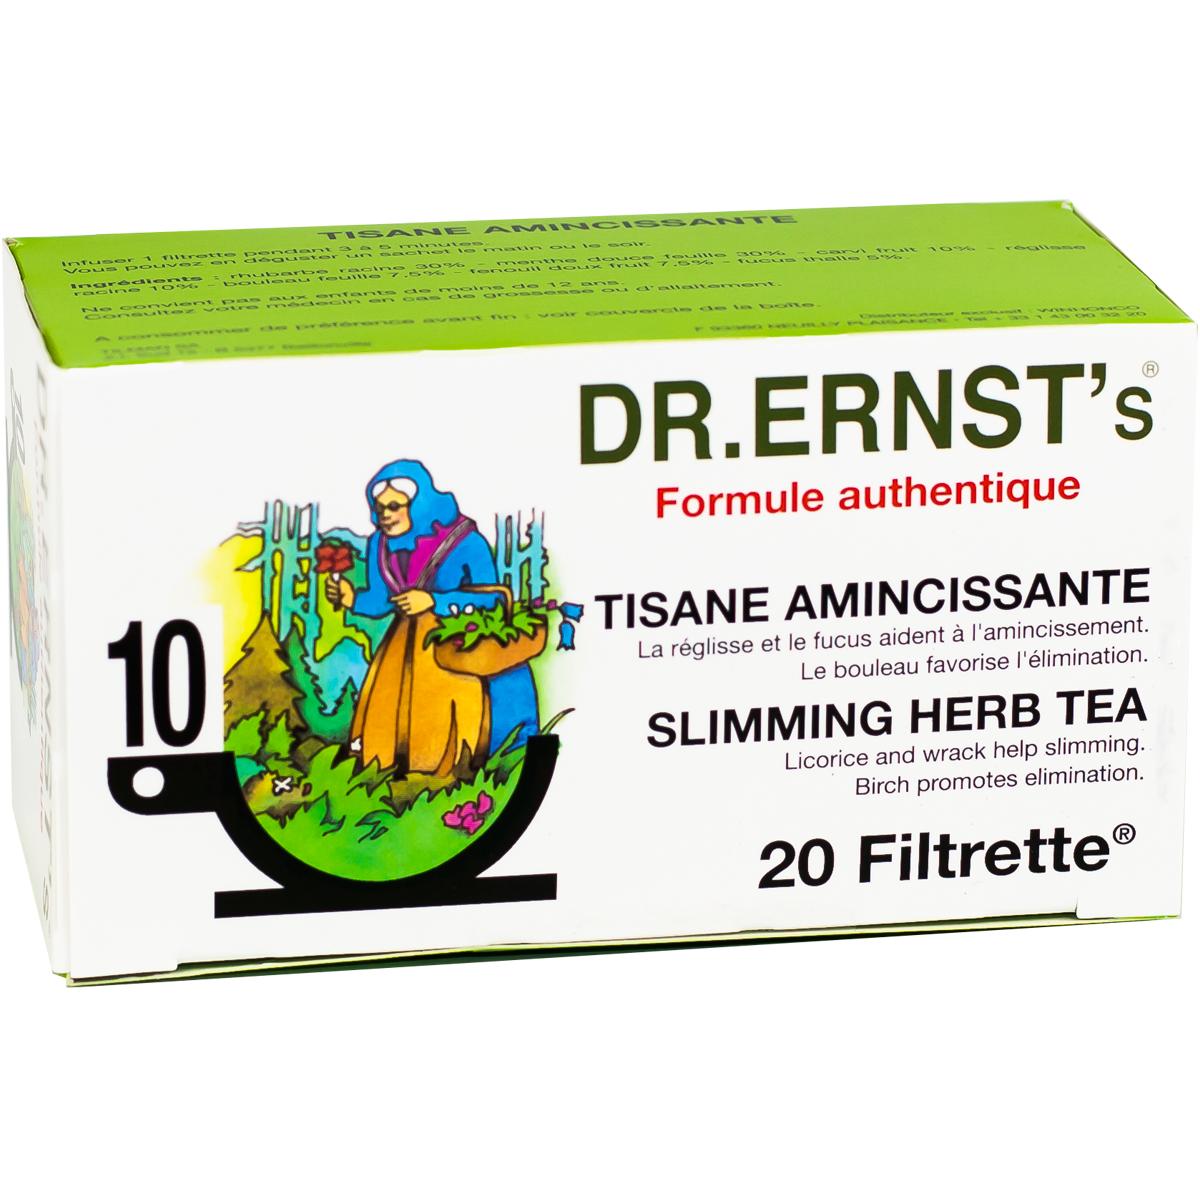 Dr. Ernst